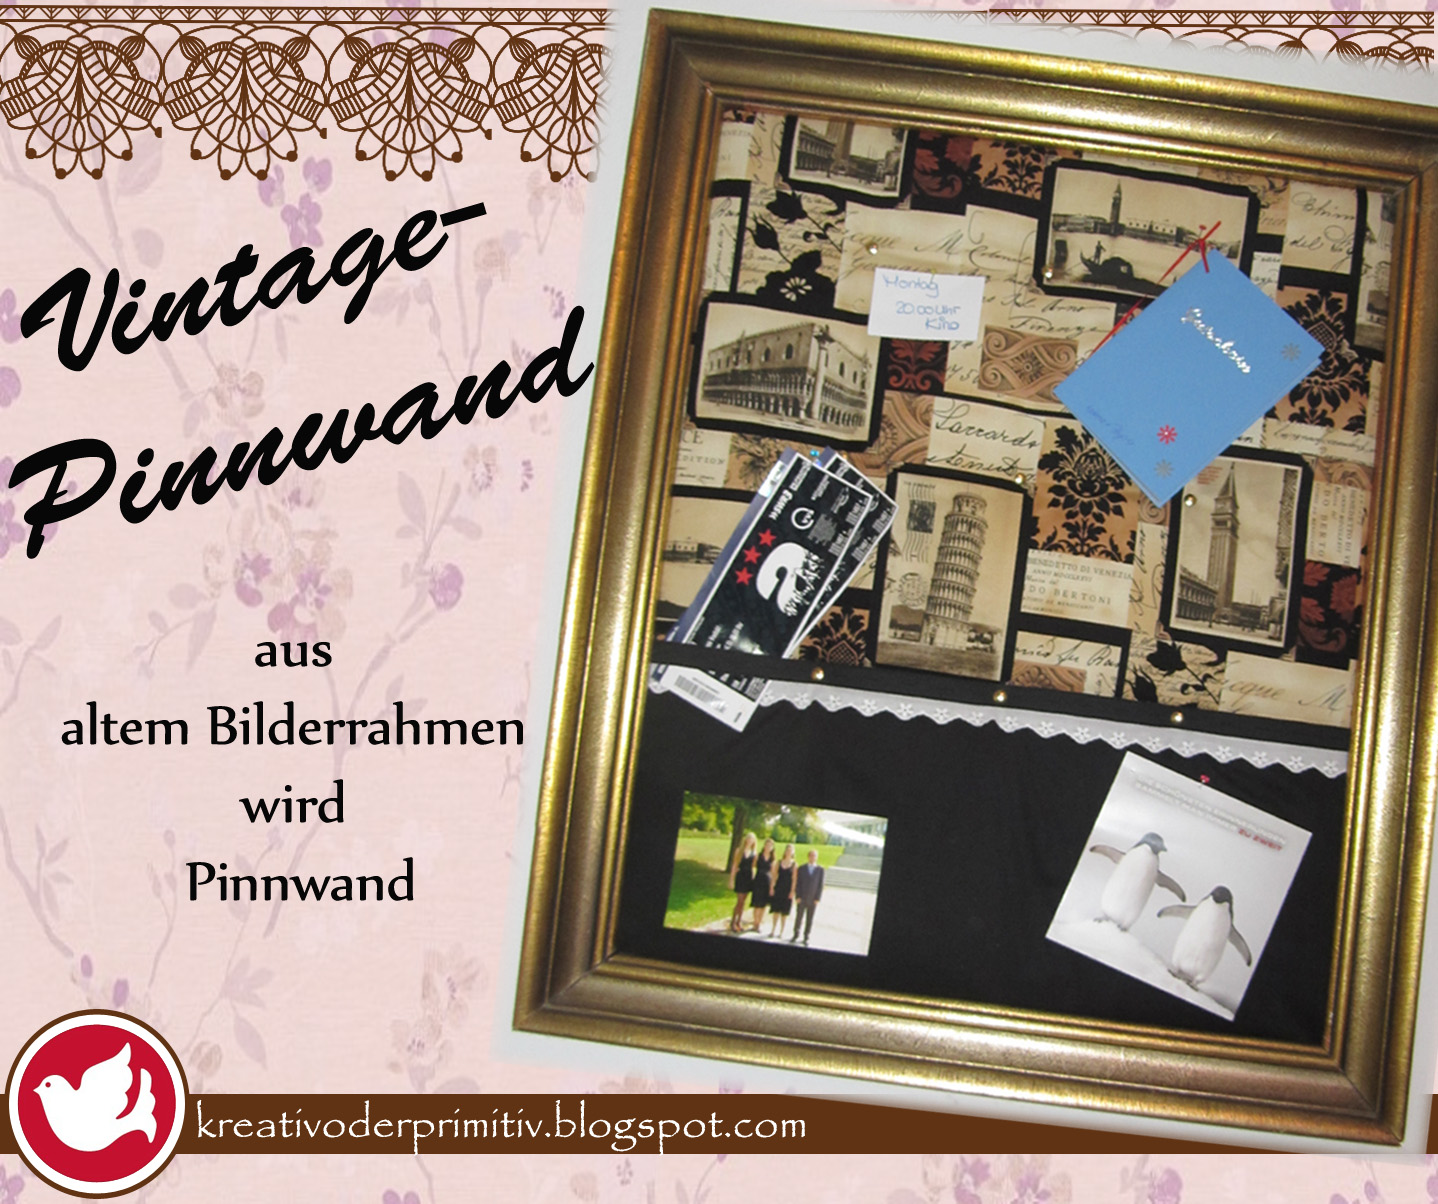 kreativ oder primitiv pinnwand aus altem bilderrahmen. Black Bedroom Furniture Sets. Home Design Ideas